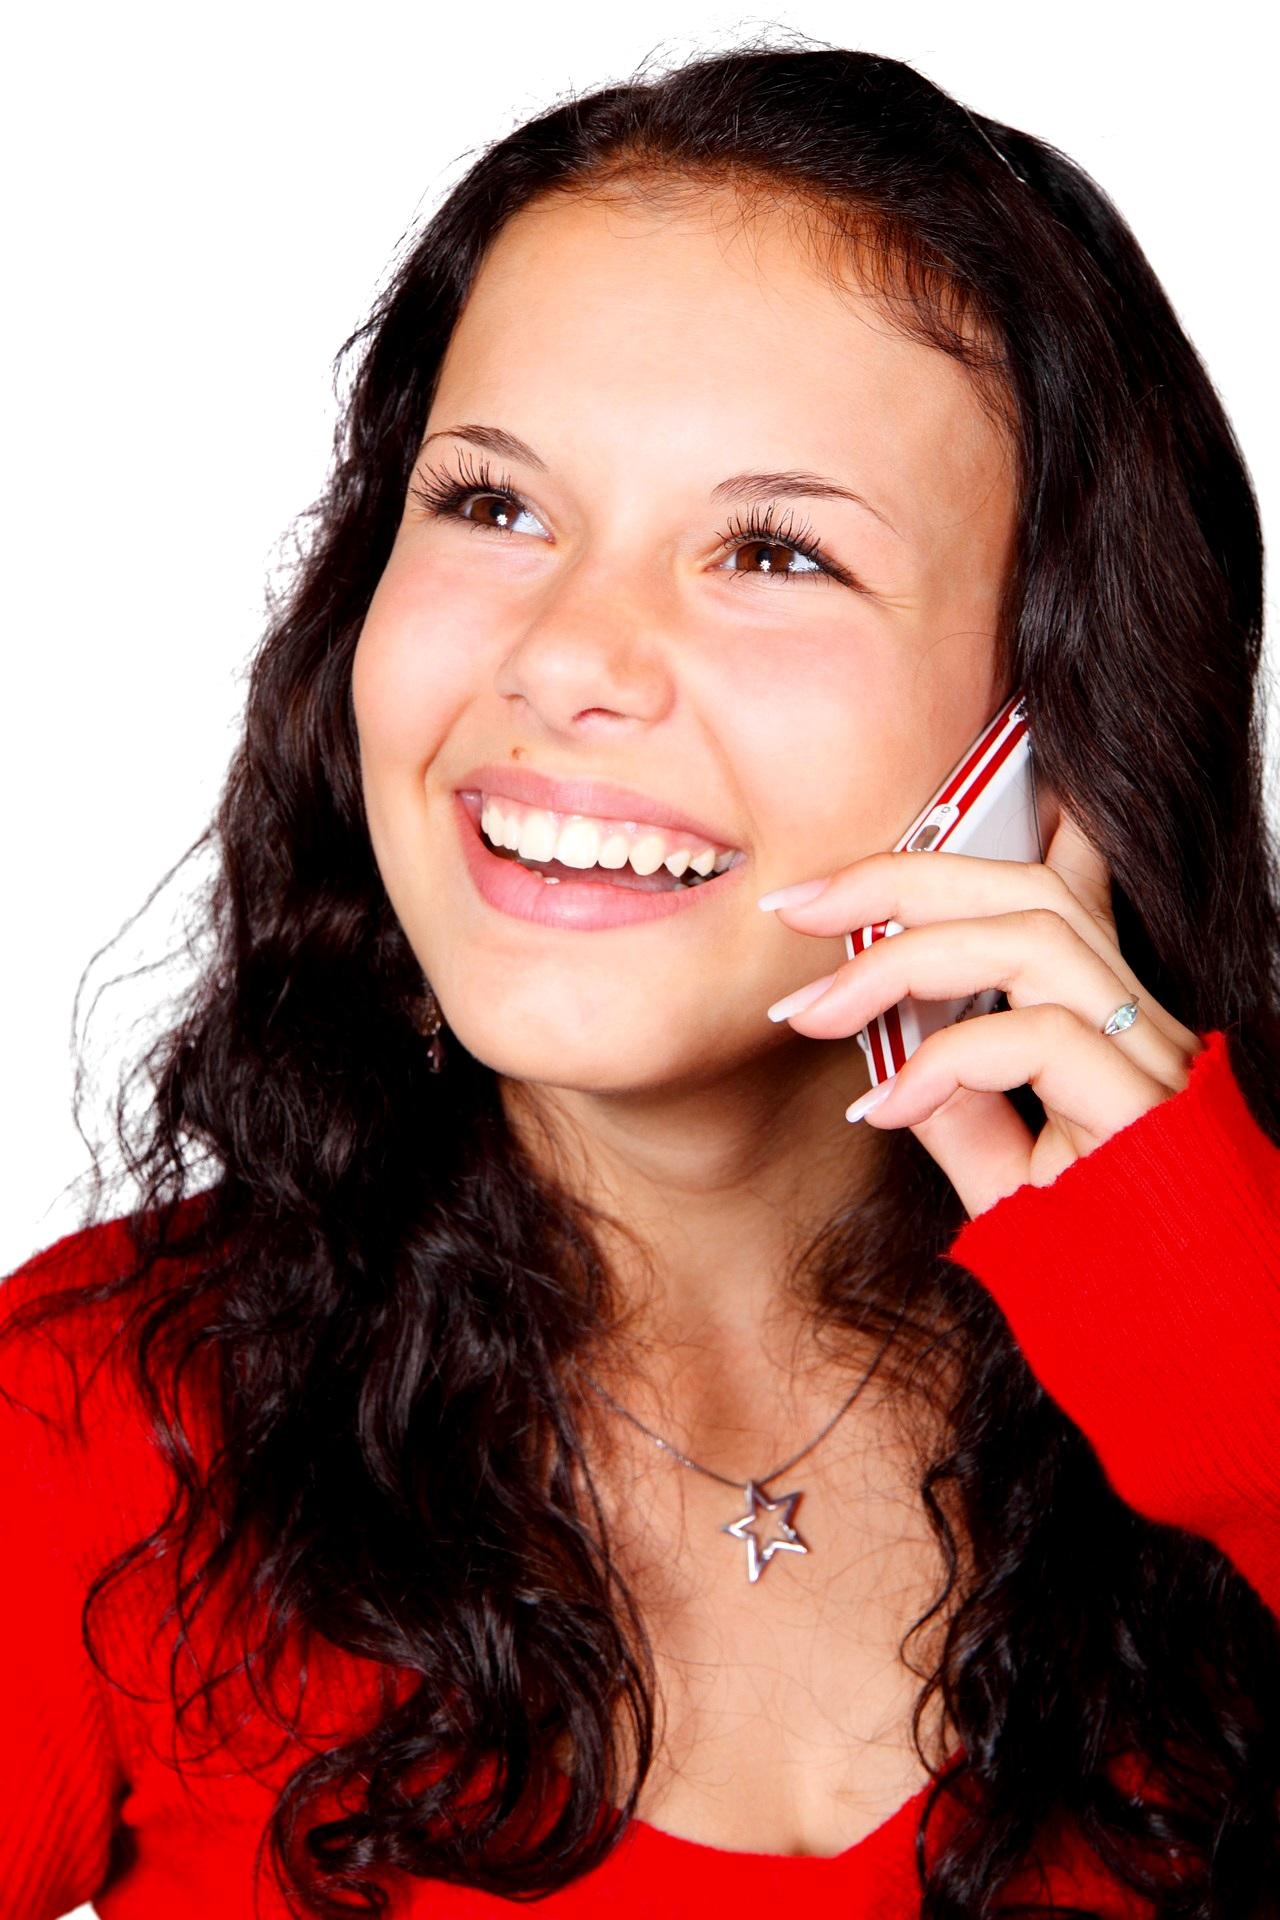 Verkauf direkt am Telefon Königsdisziplin Kaltakquise Aquririeren Stimme telefonieren Ulrike Knauer Verkaufstraining Elevator Pitch W-Fragen Akquise verkaufen Telefonakquise verkaufen